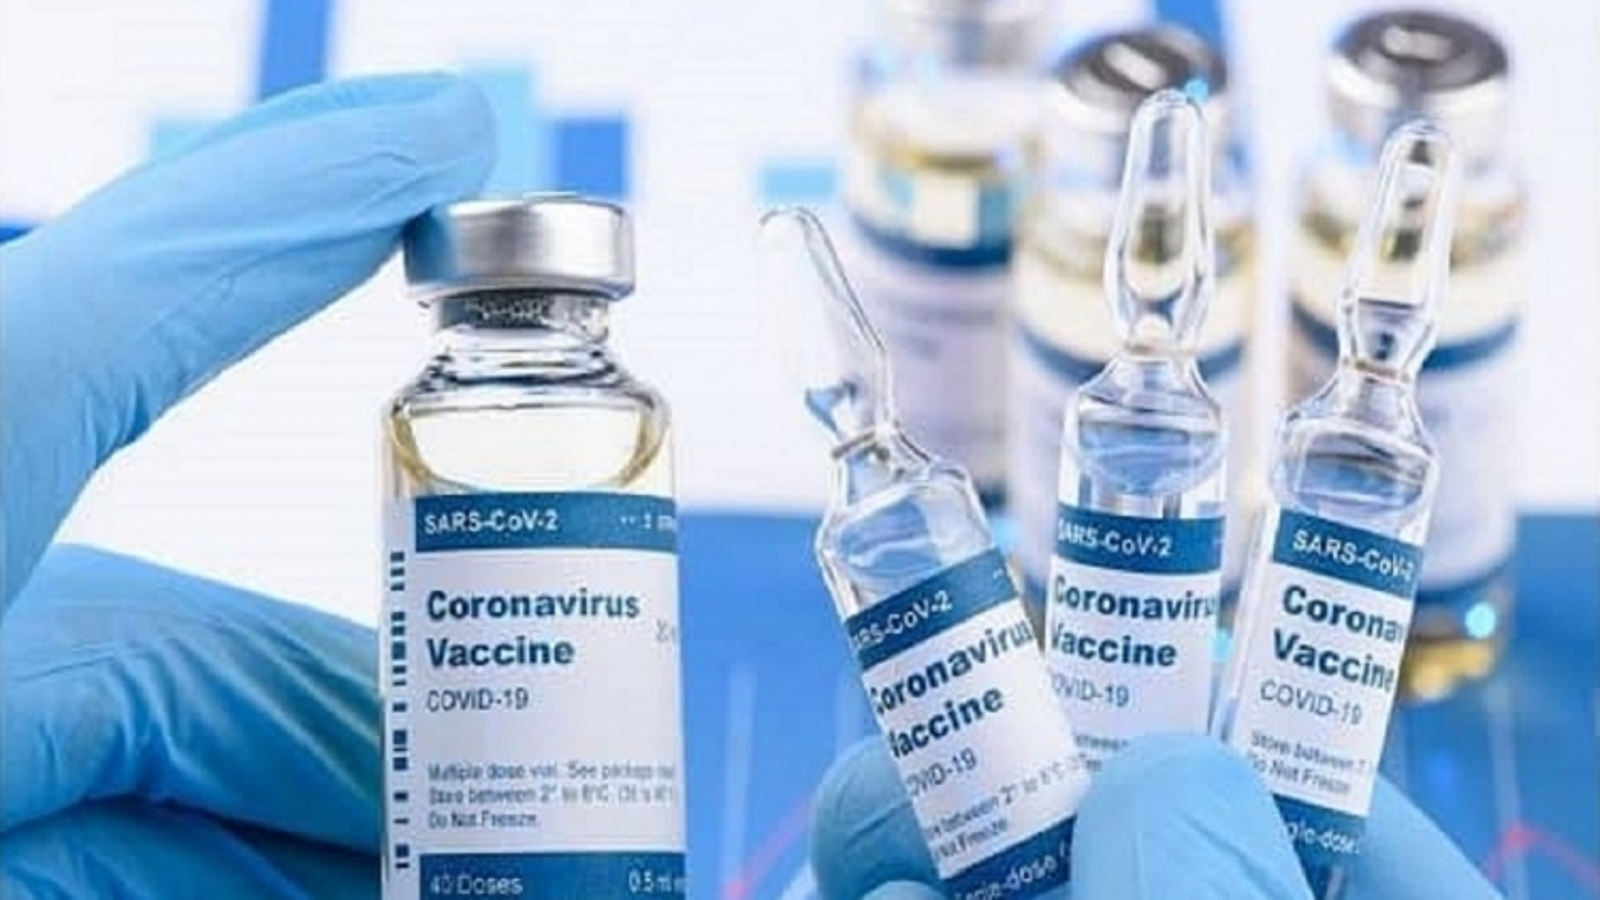 Tích trữ vaccine có thể phá hỏng cuộc chiến chống Covid-19 của châu Phi